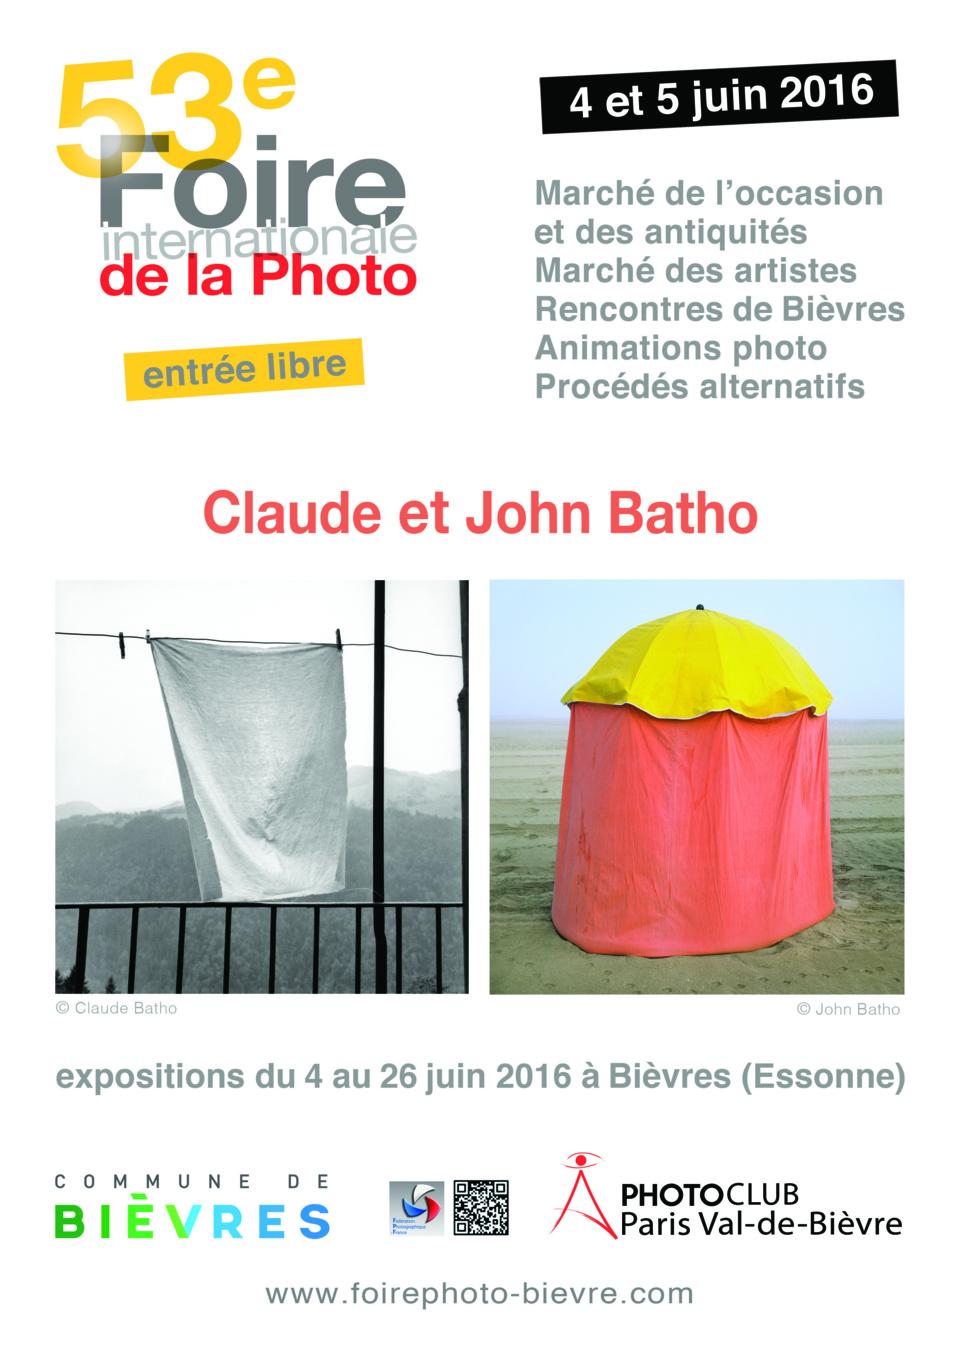 4 et 5 juin, 53e Foire Internationale de la Photo